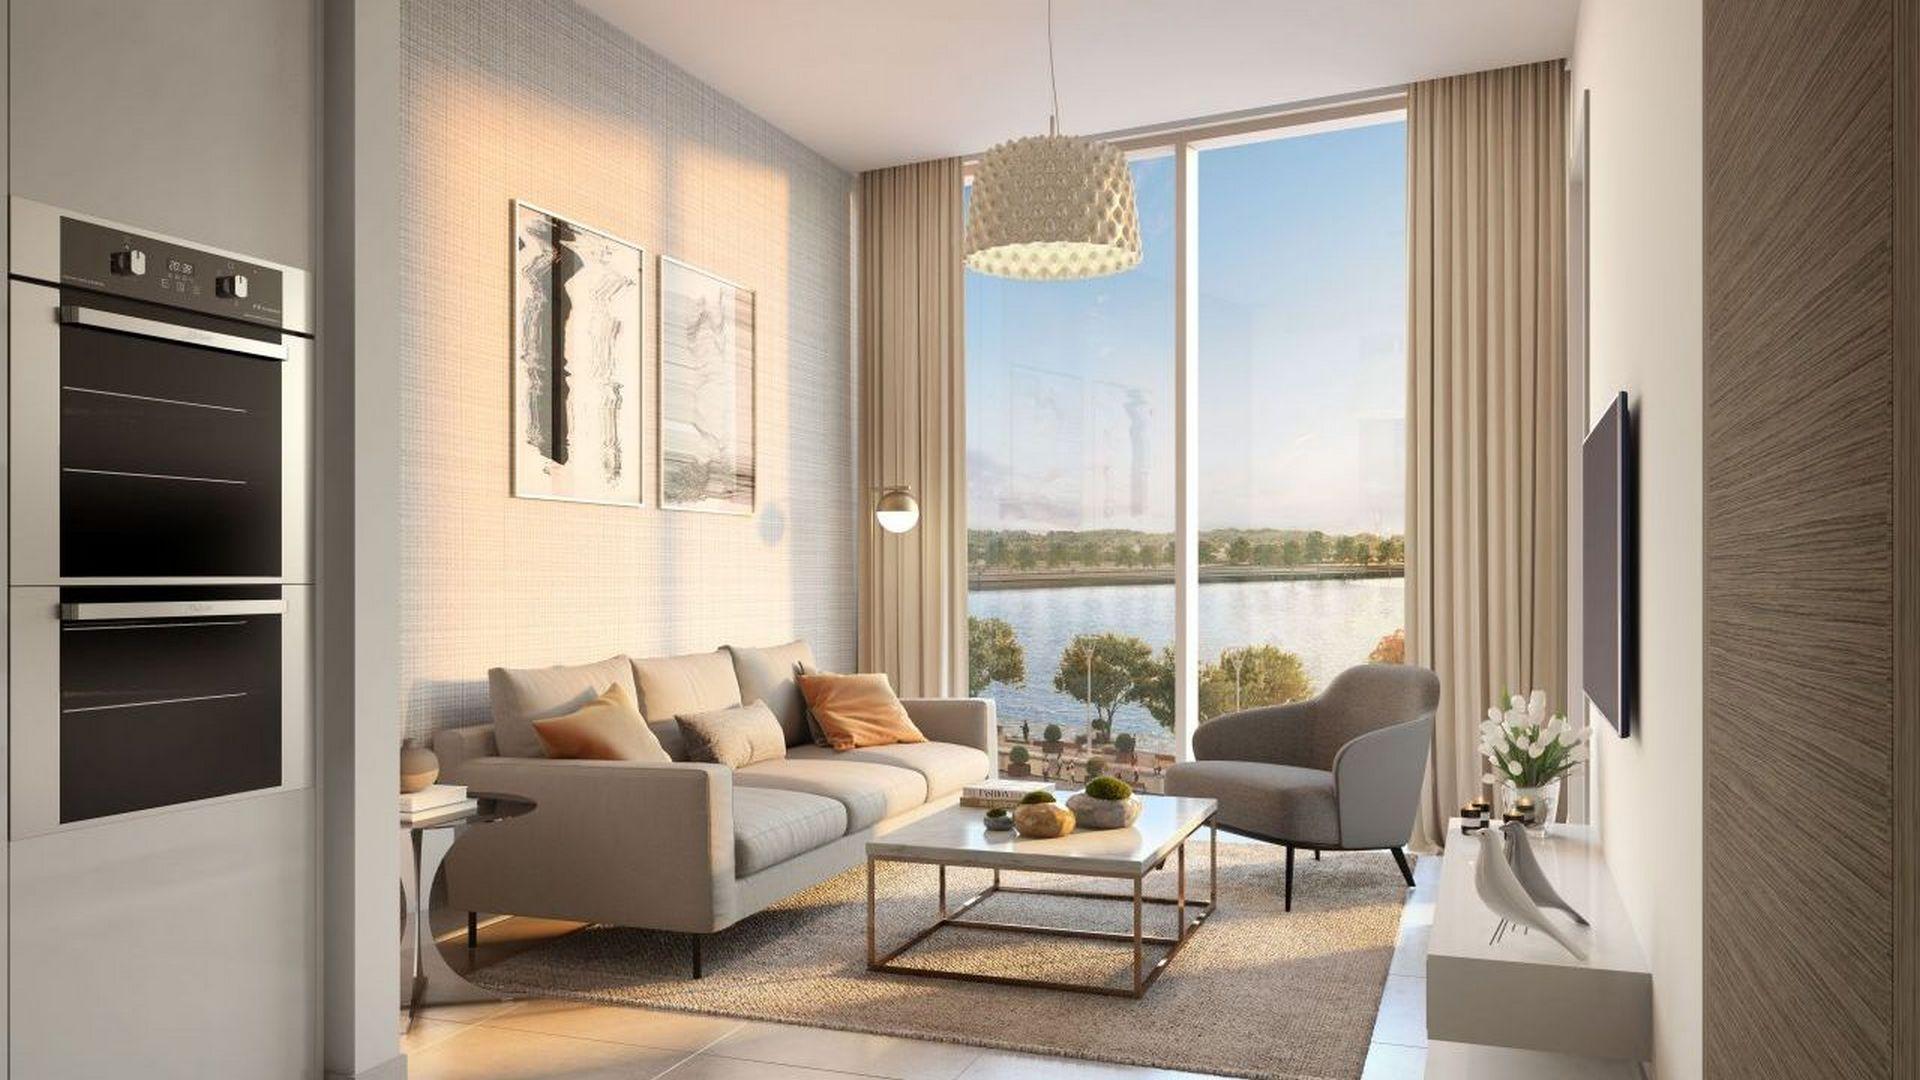 Apartamento en venta en Dubai, EAU, 2 dormitorios, 94 m2, № 24535 – foto 1